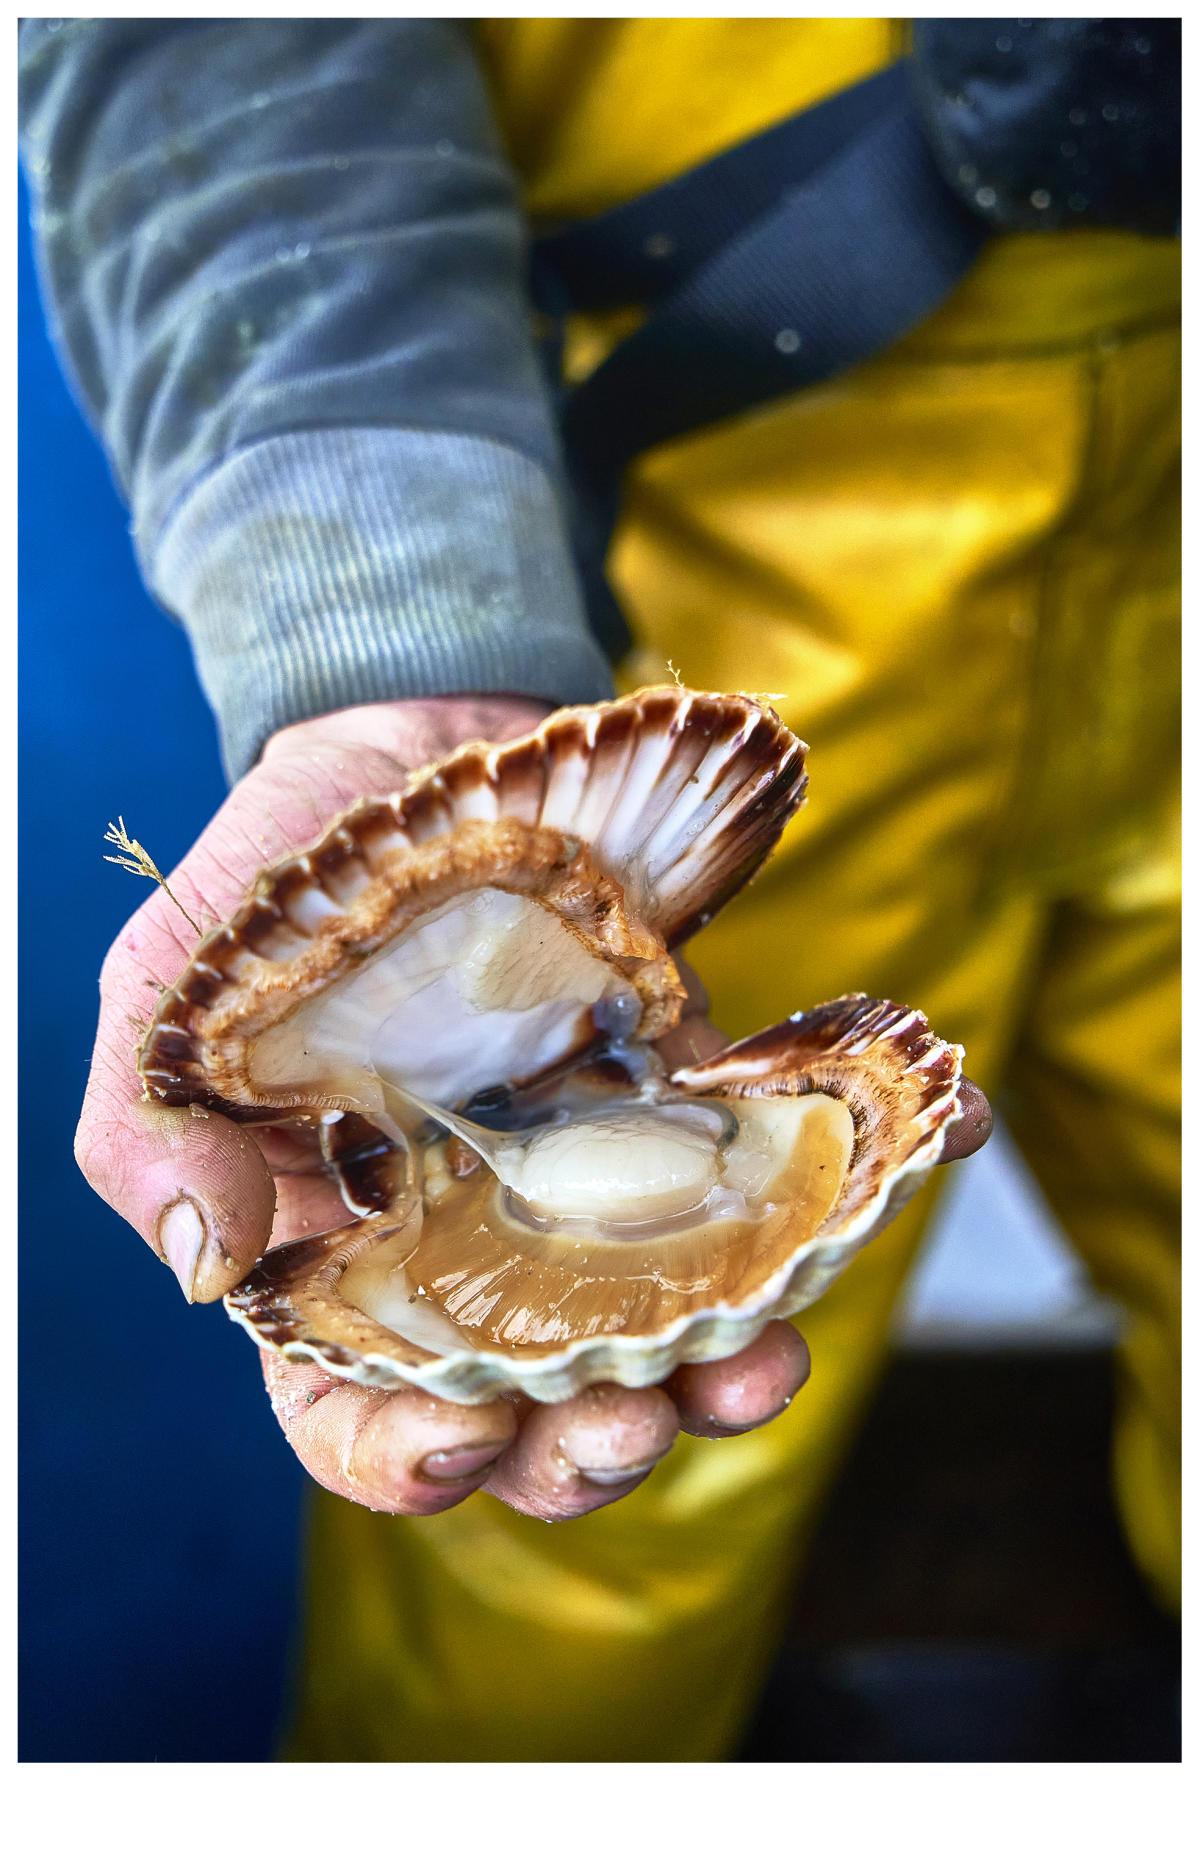 Dans la baie de Saint-Brieuc, la taille minimale des saint-jacques est de 10,2cm.